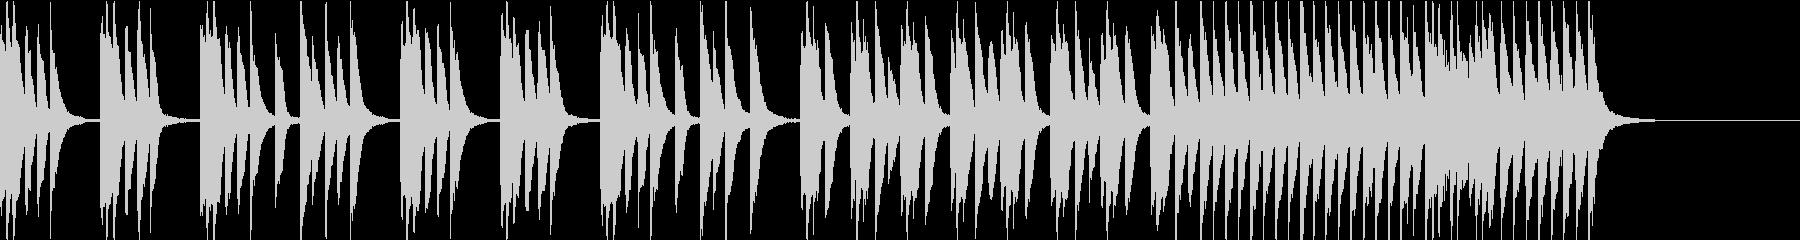 かわいい爽やか軽快なピアノソロ 30秒の未再生の波形